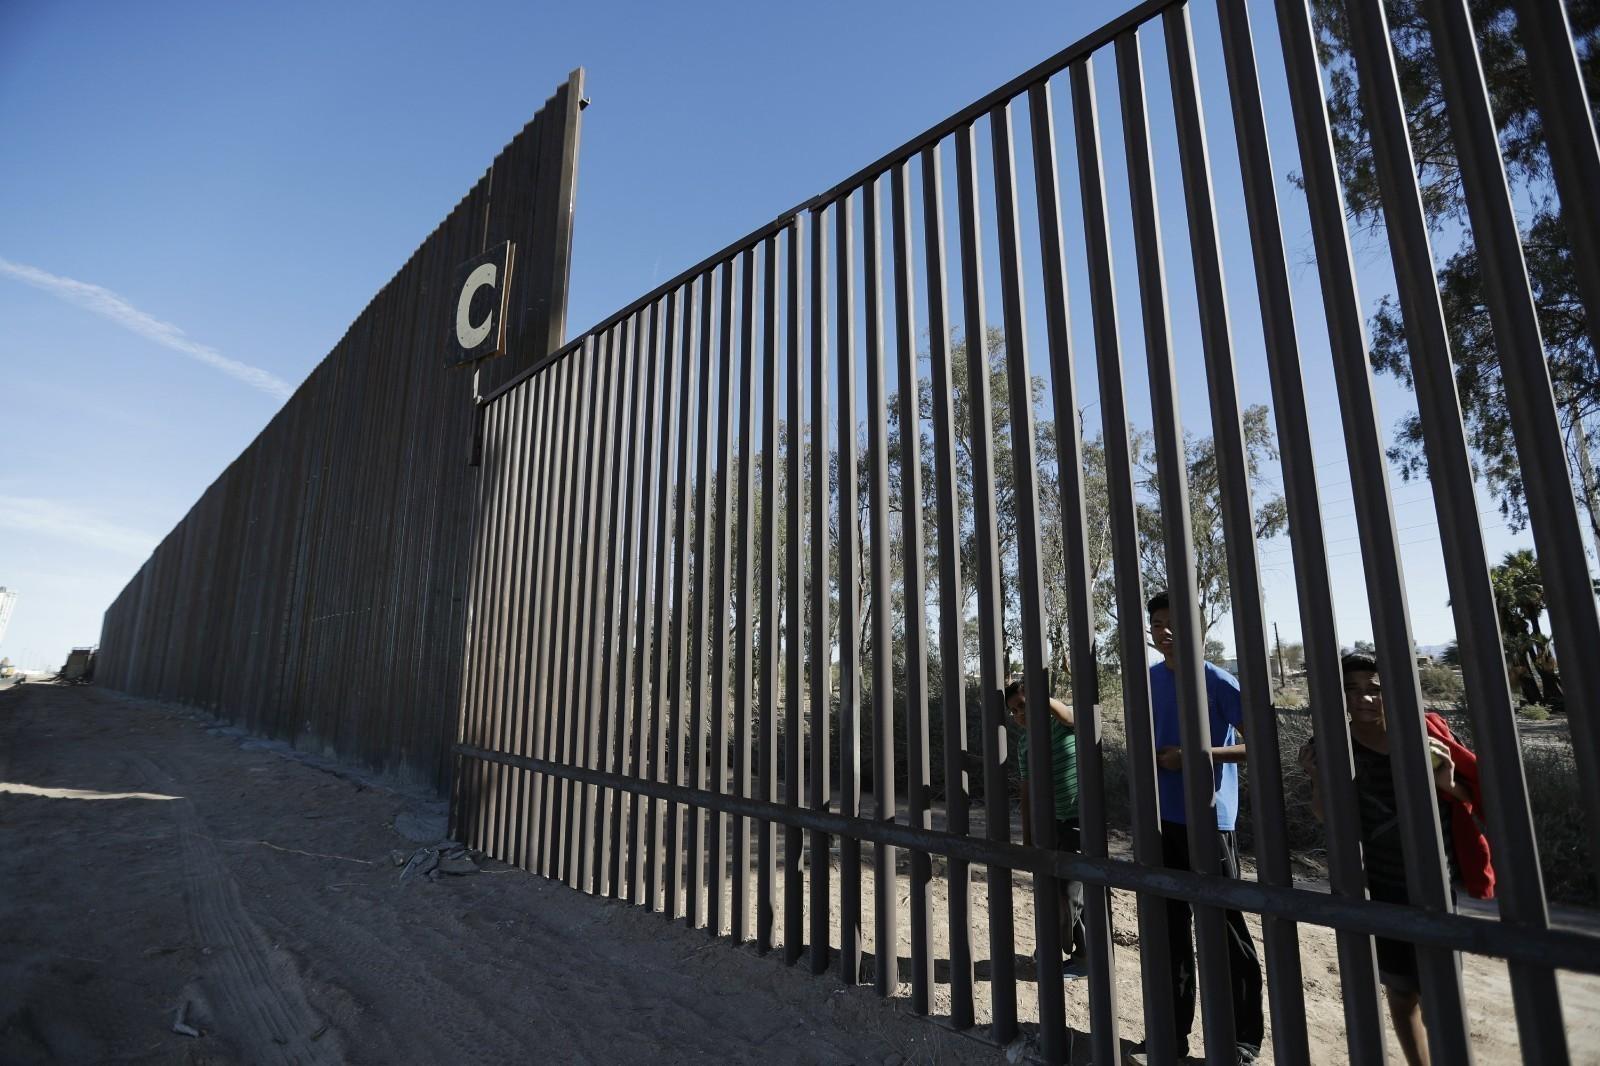 美墨边境移民儿童人数继续飙升 一天逮捕近800人_图1-1